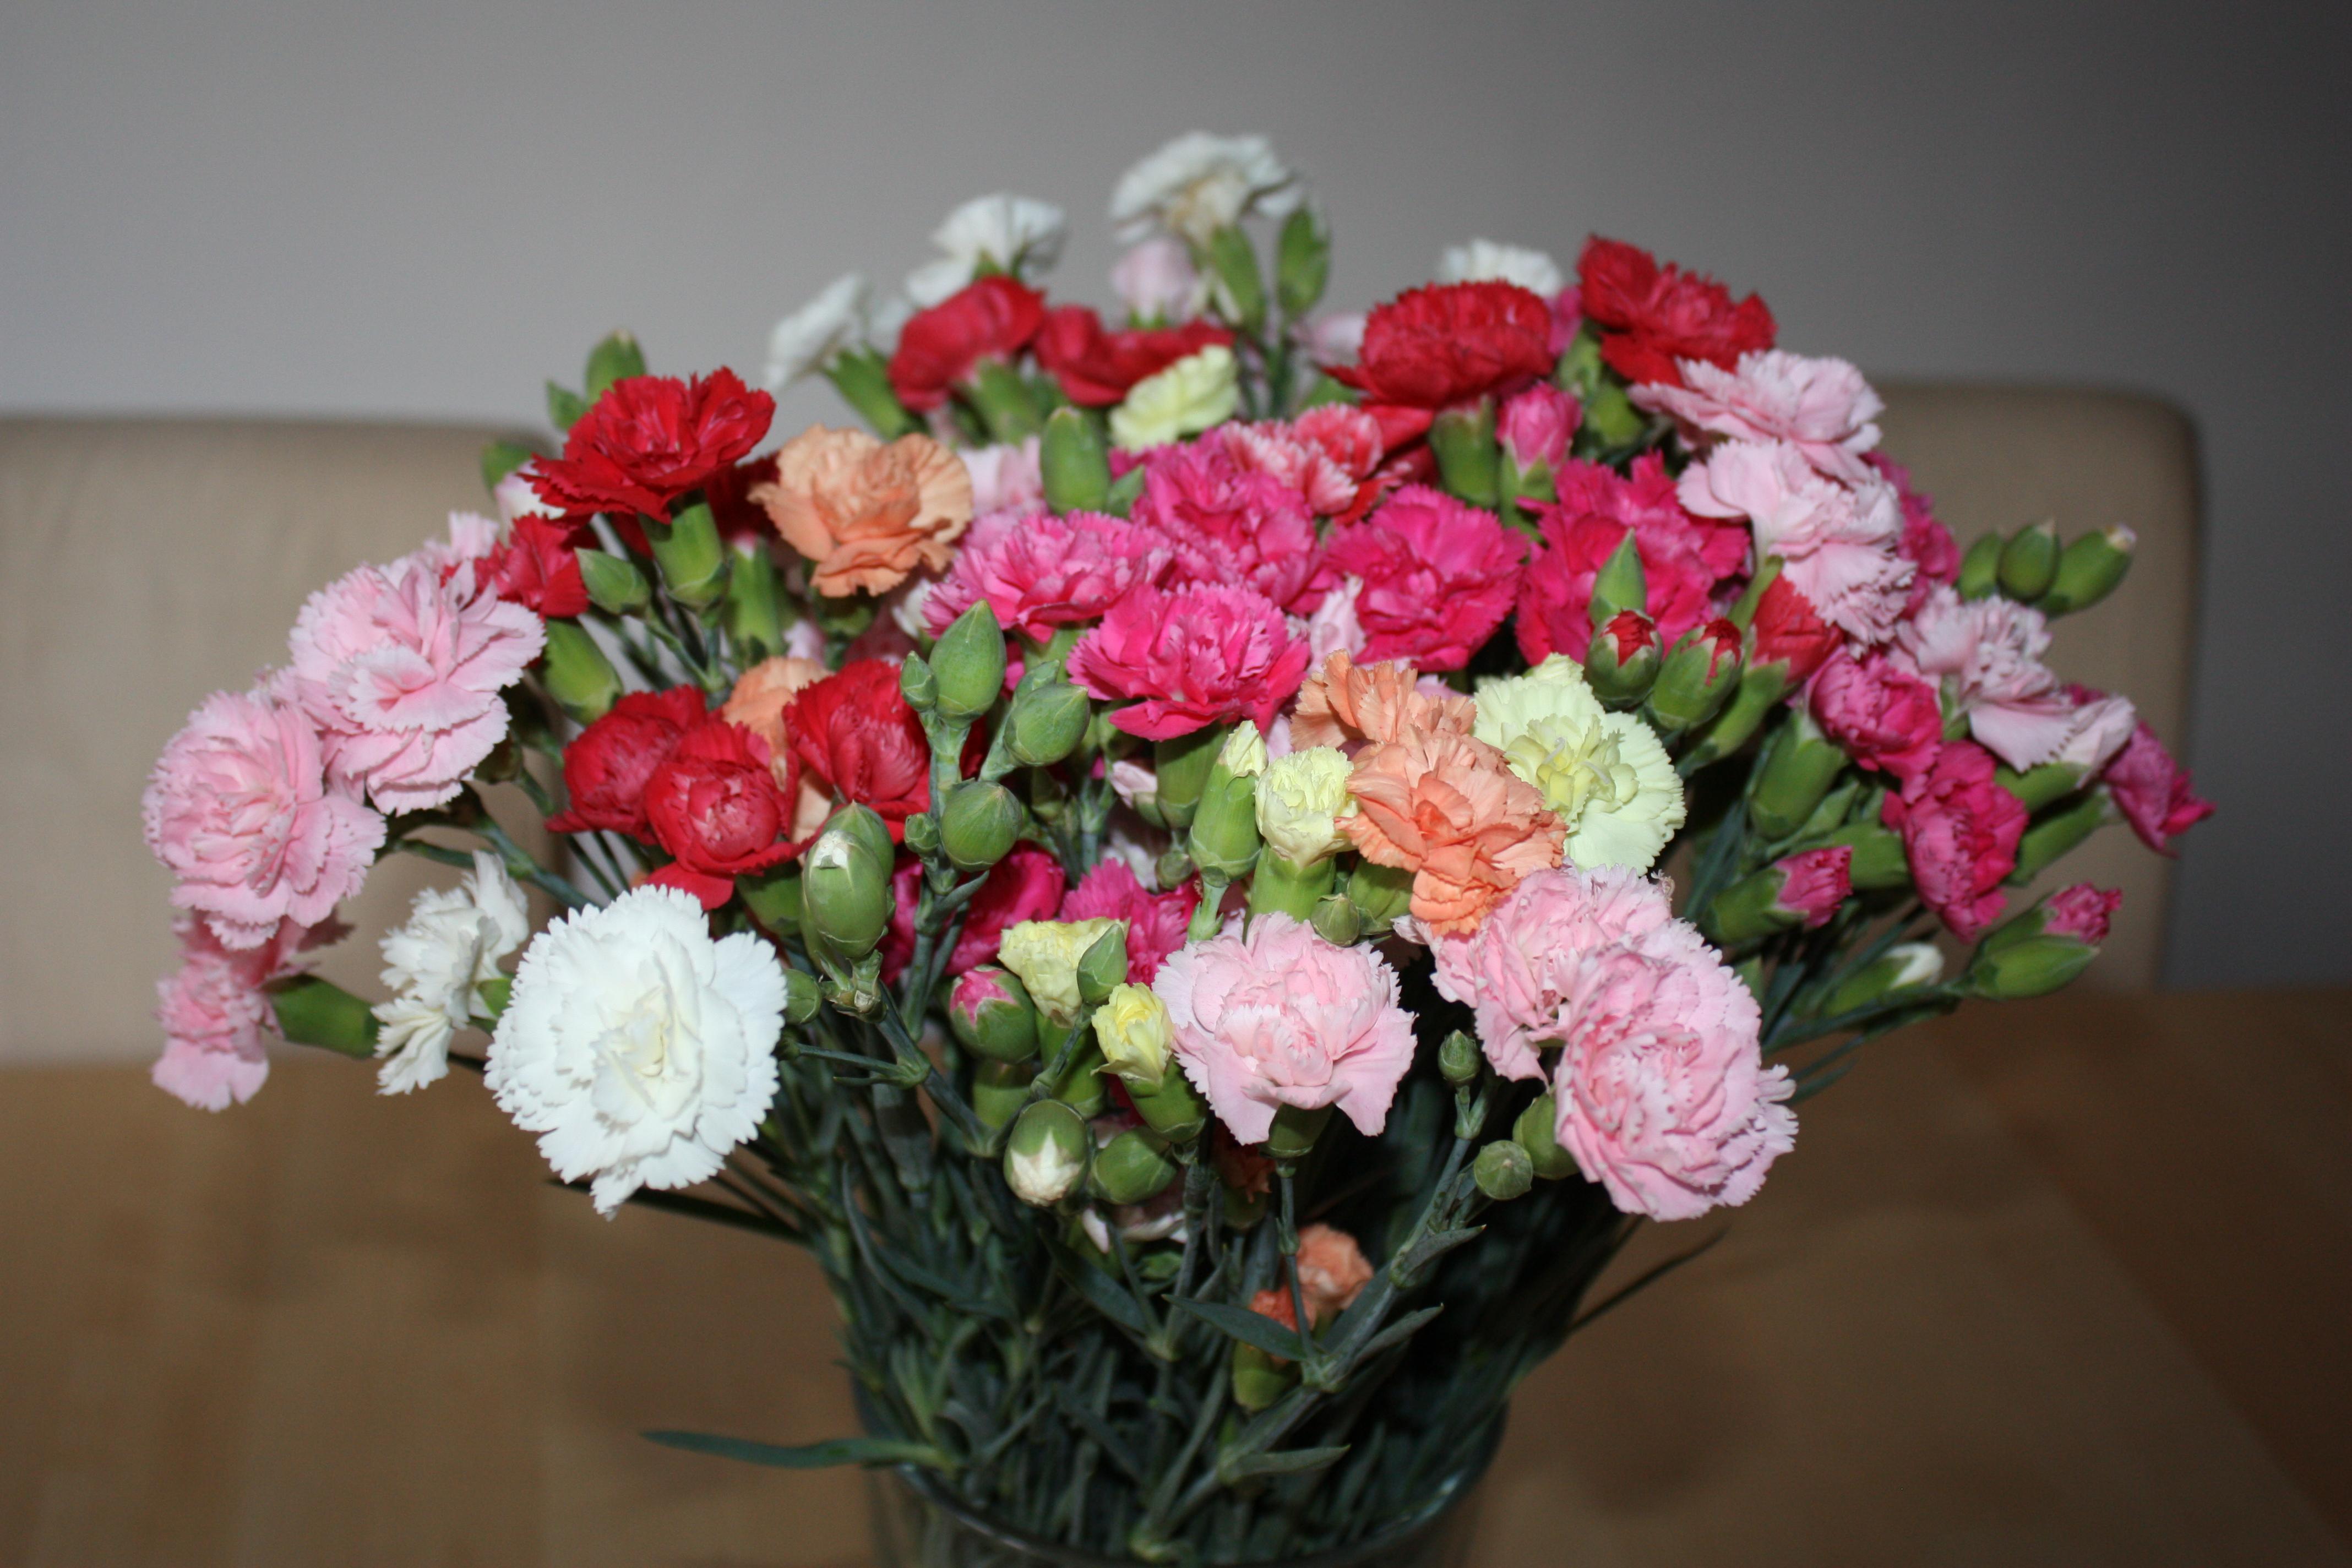 Le bonheur parfois c est simple comme un bouquet de fleurs for Bouquet de fleurs un